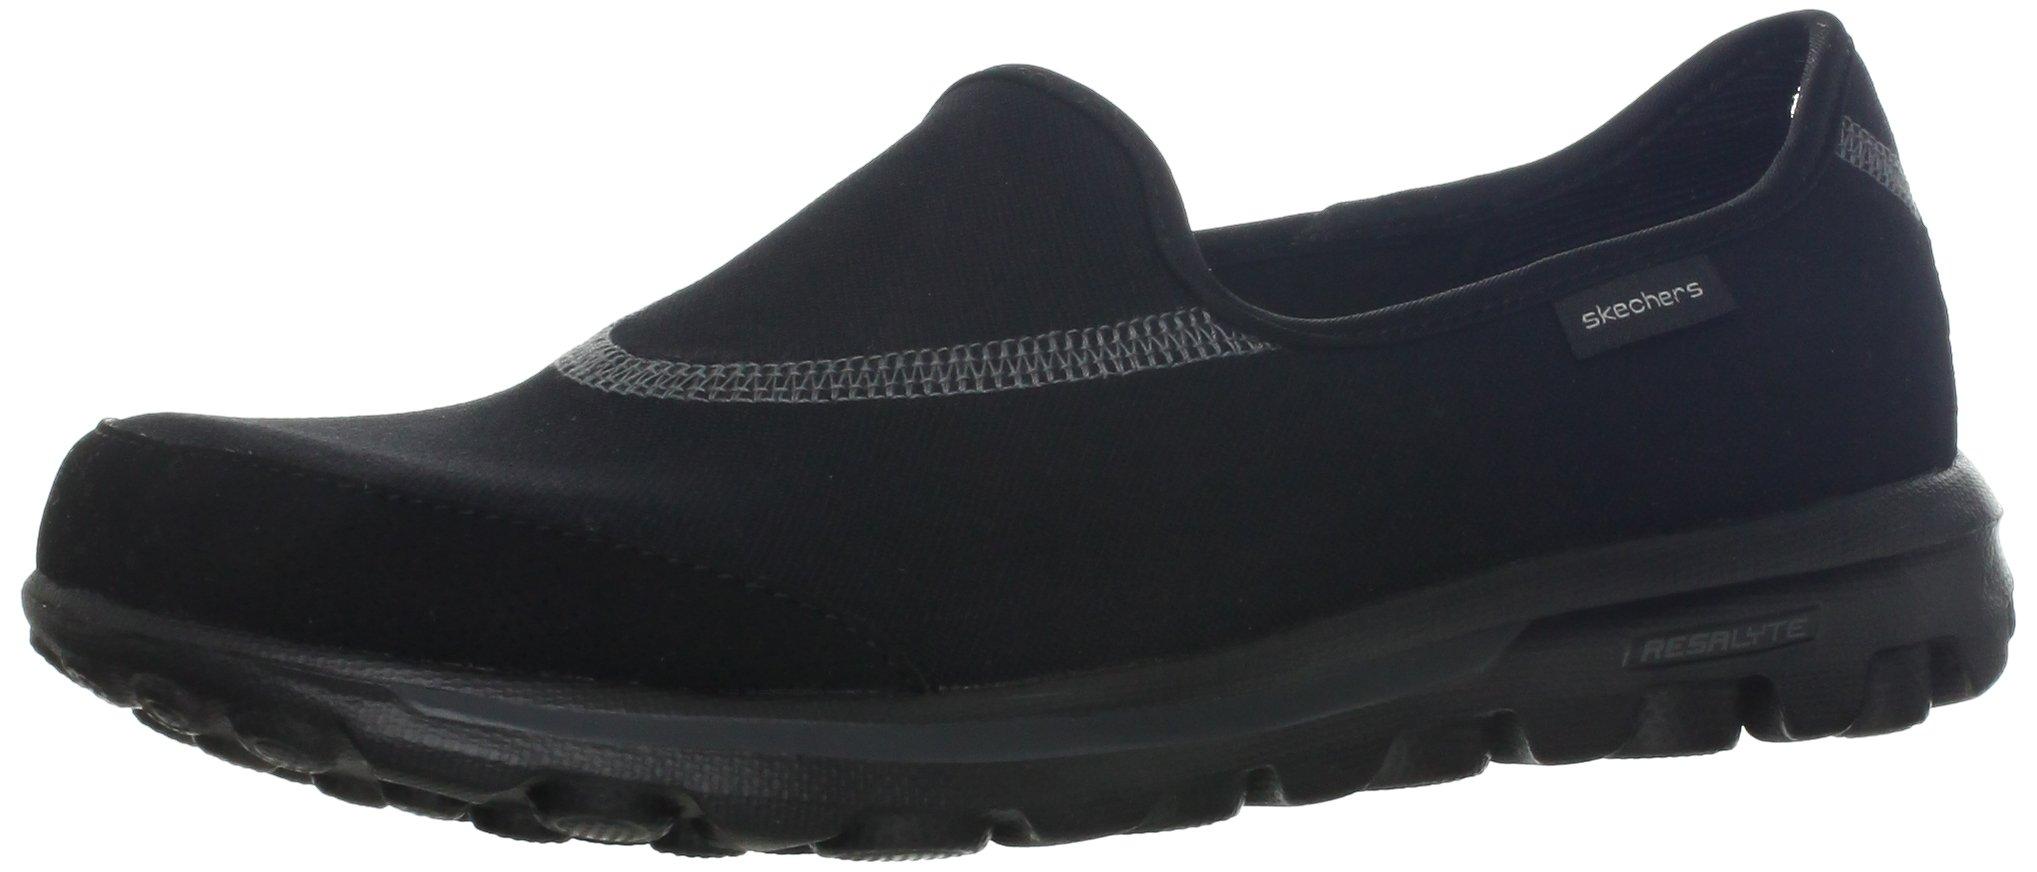 Skechers Performance Women's Go Walk 1 Slip-On Walking Shoe, Black, 8 M US